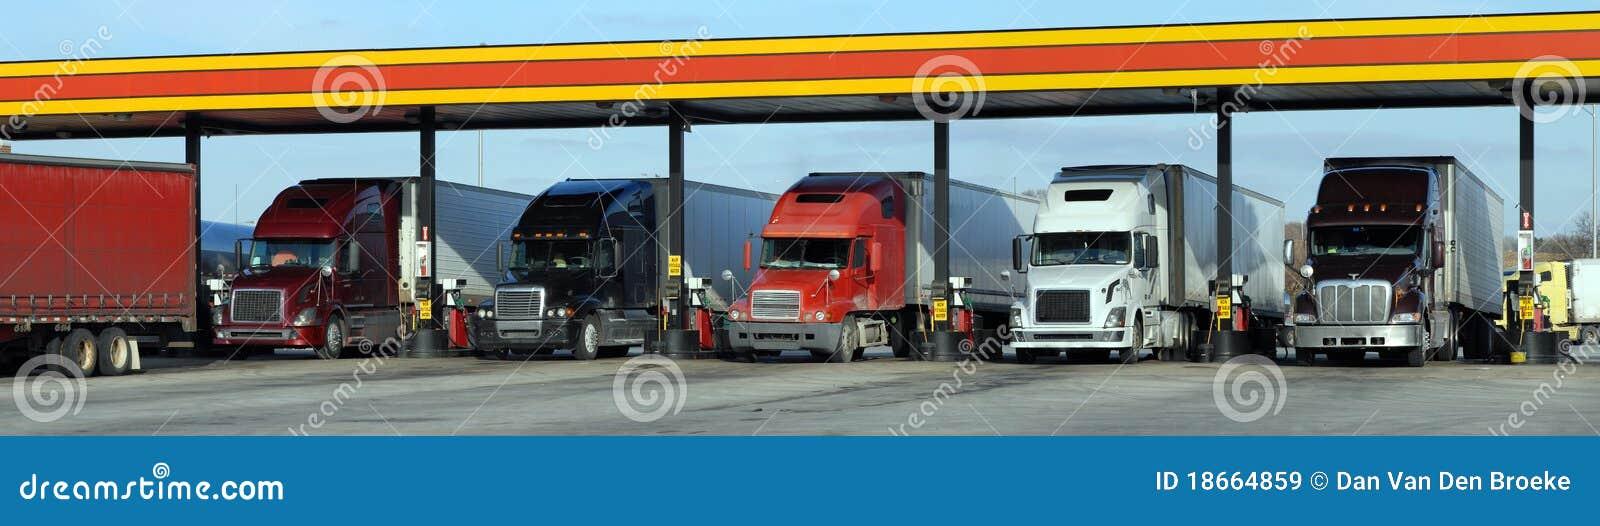 Réapprovisionnement en combustible diesel de camions